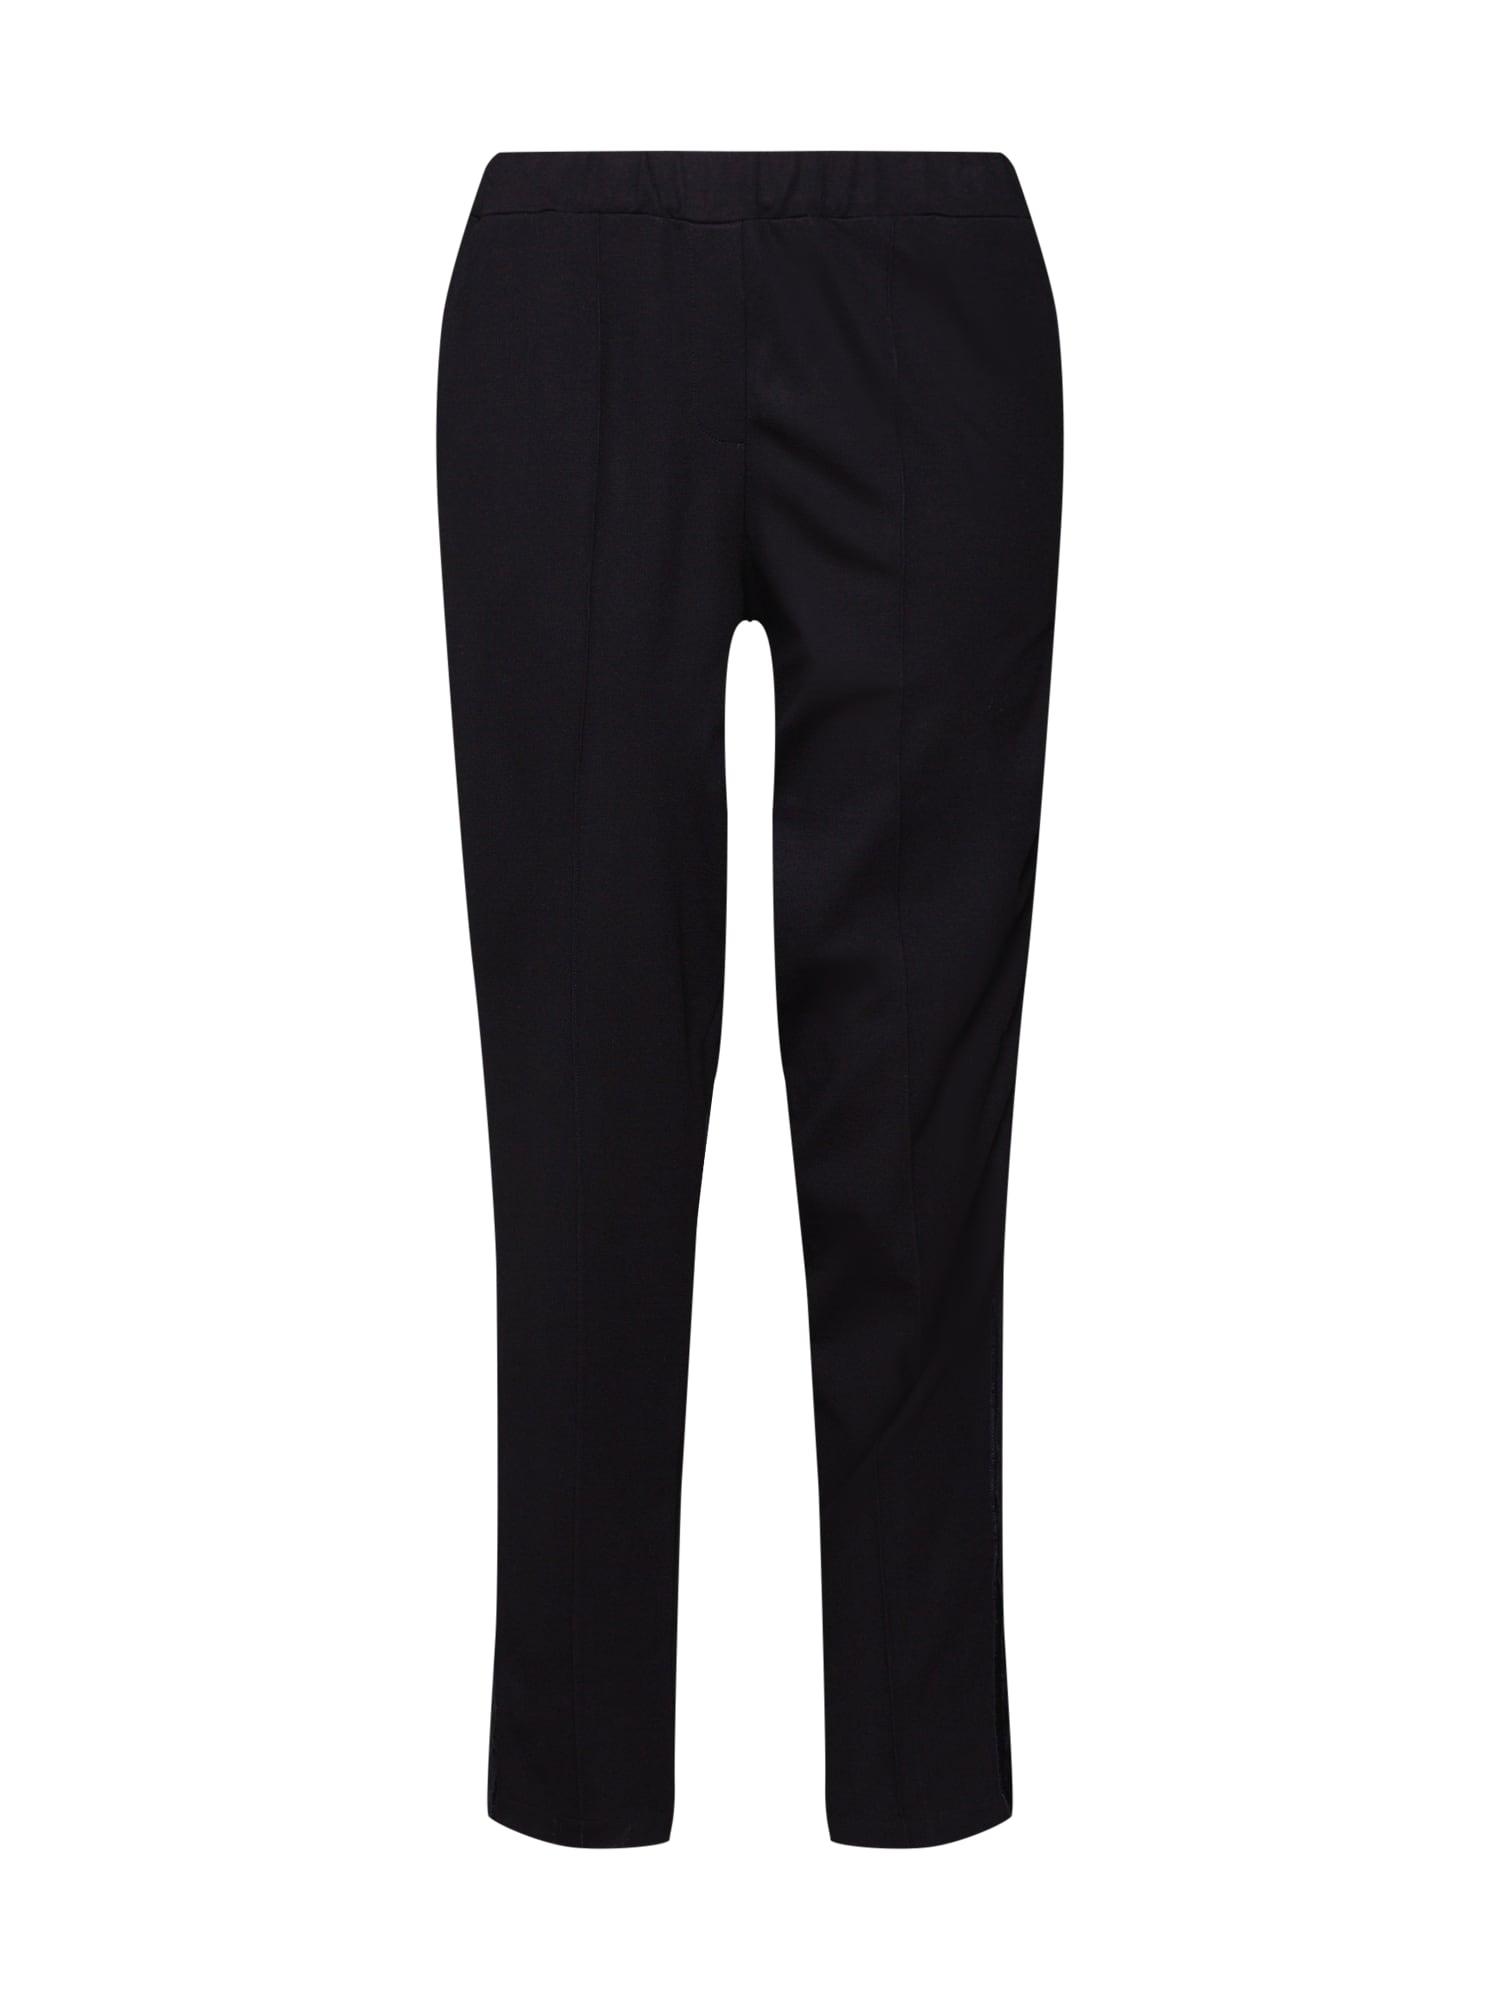 Kalhoty Pants with Velvetdetail černá Re.draft